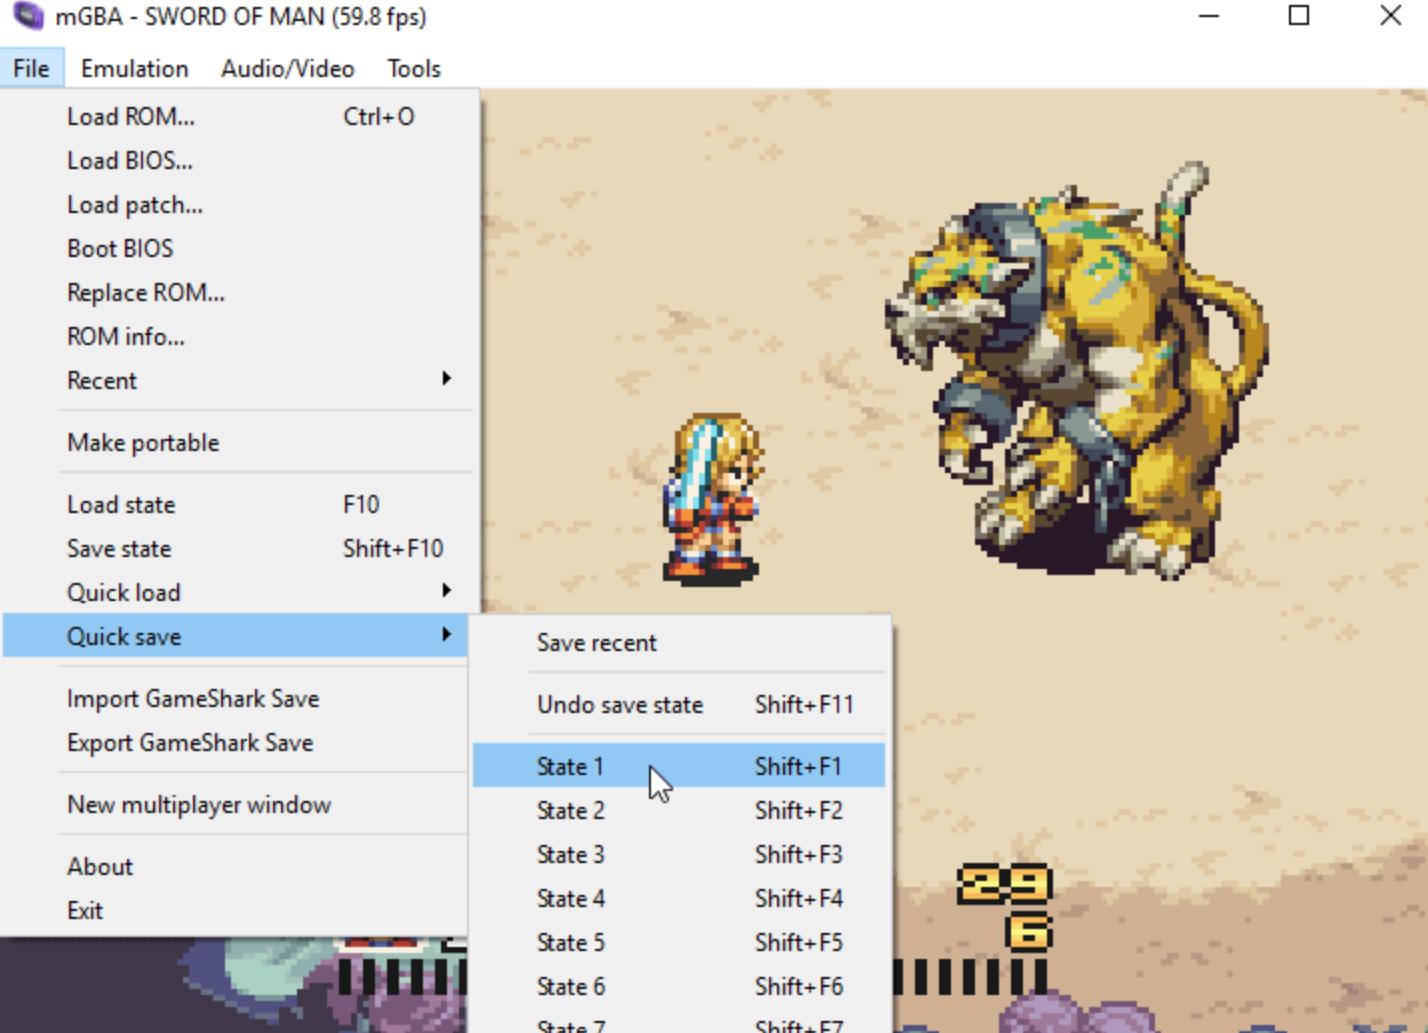 mGBA Emulator